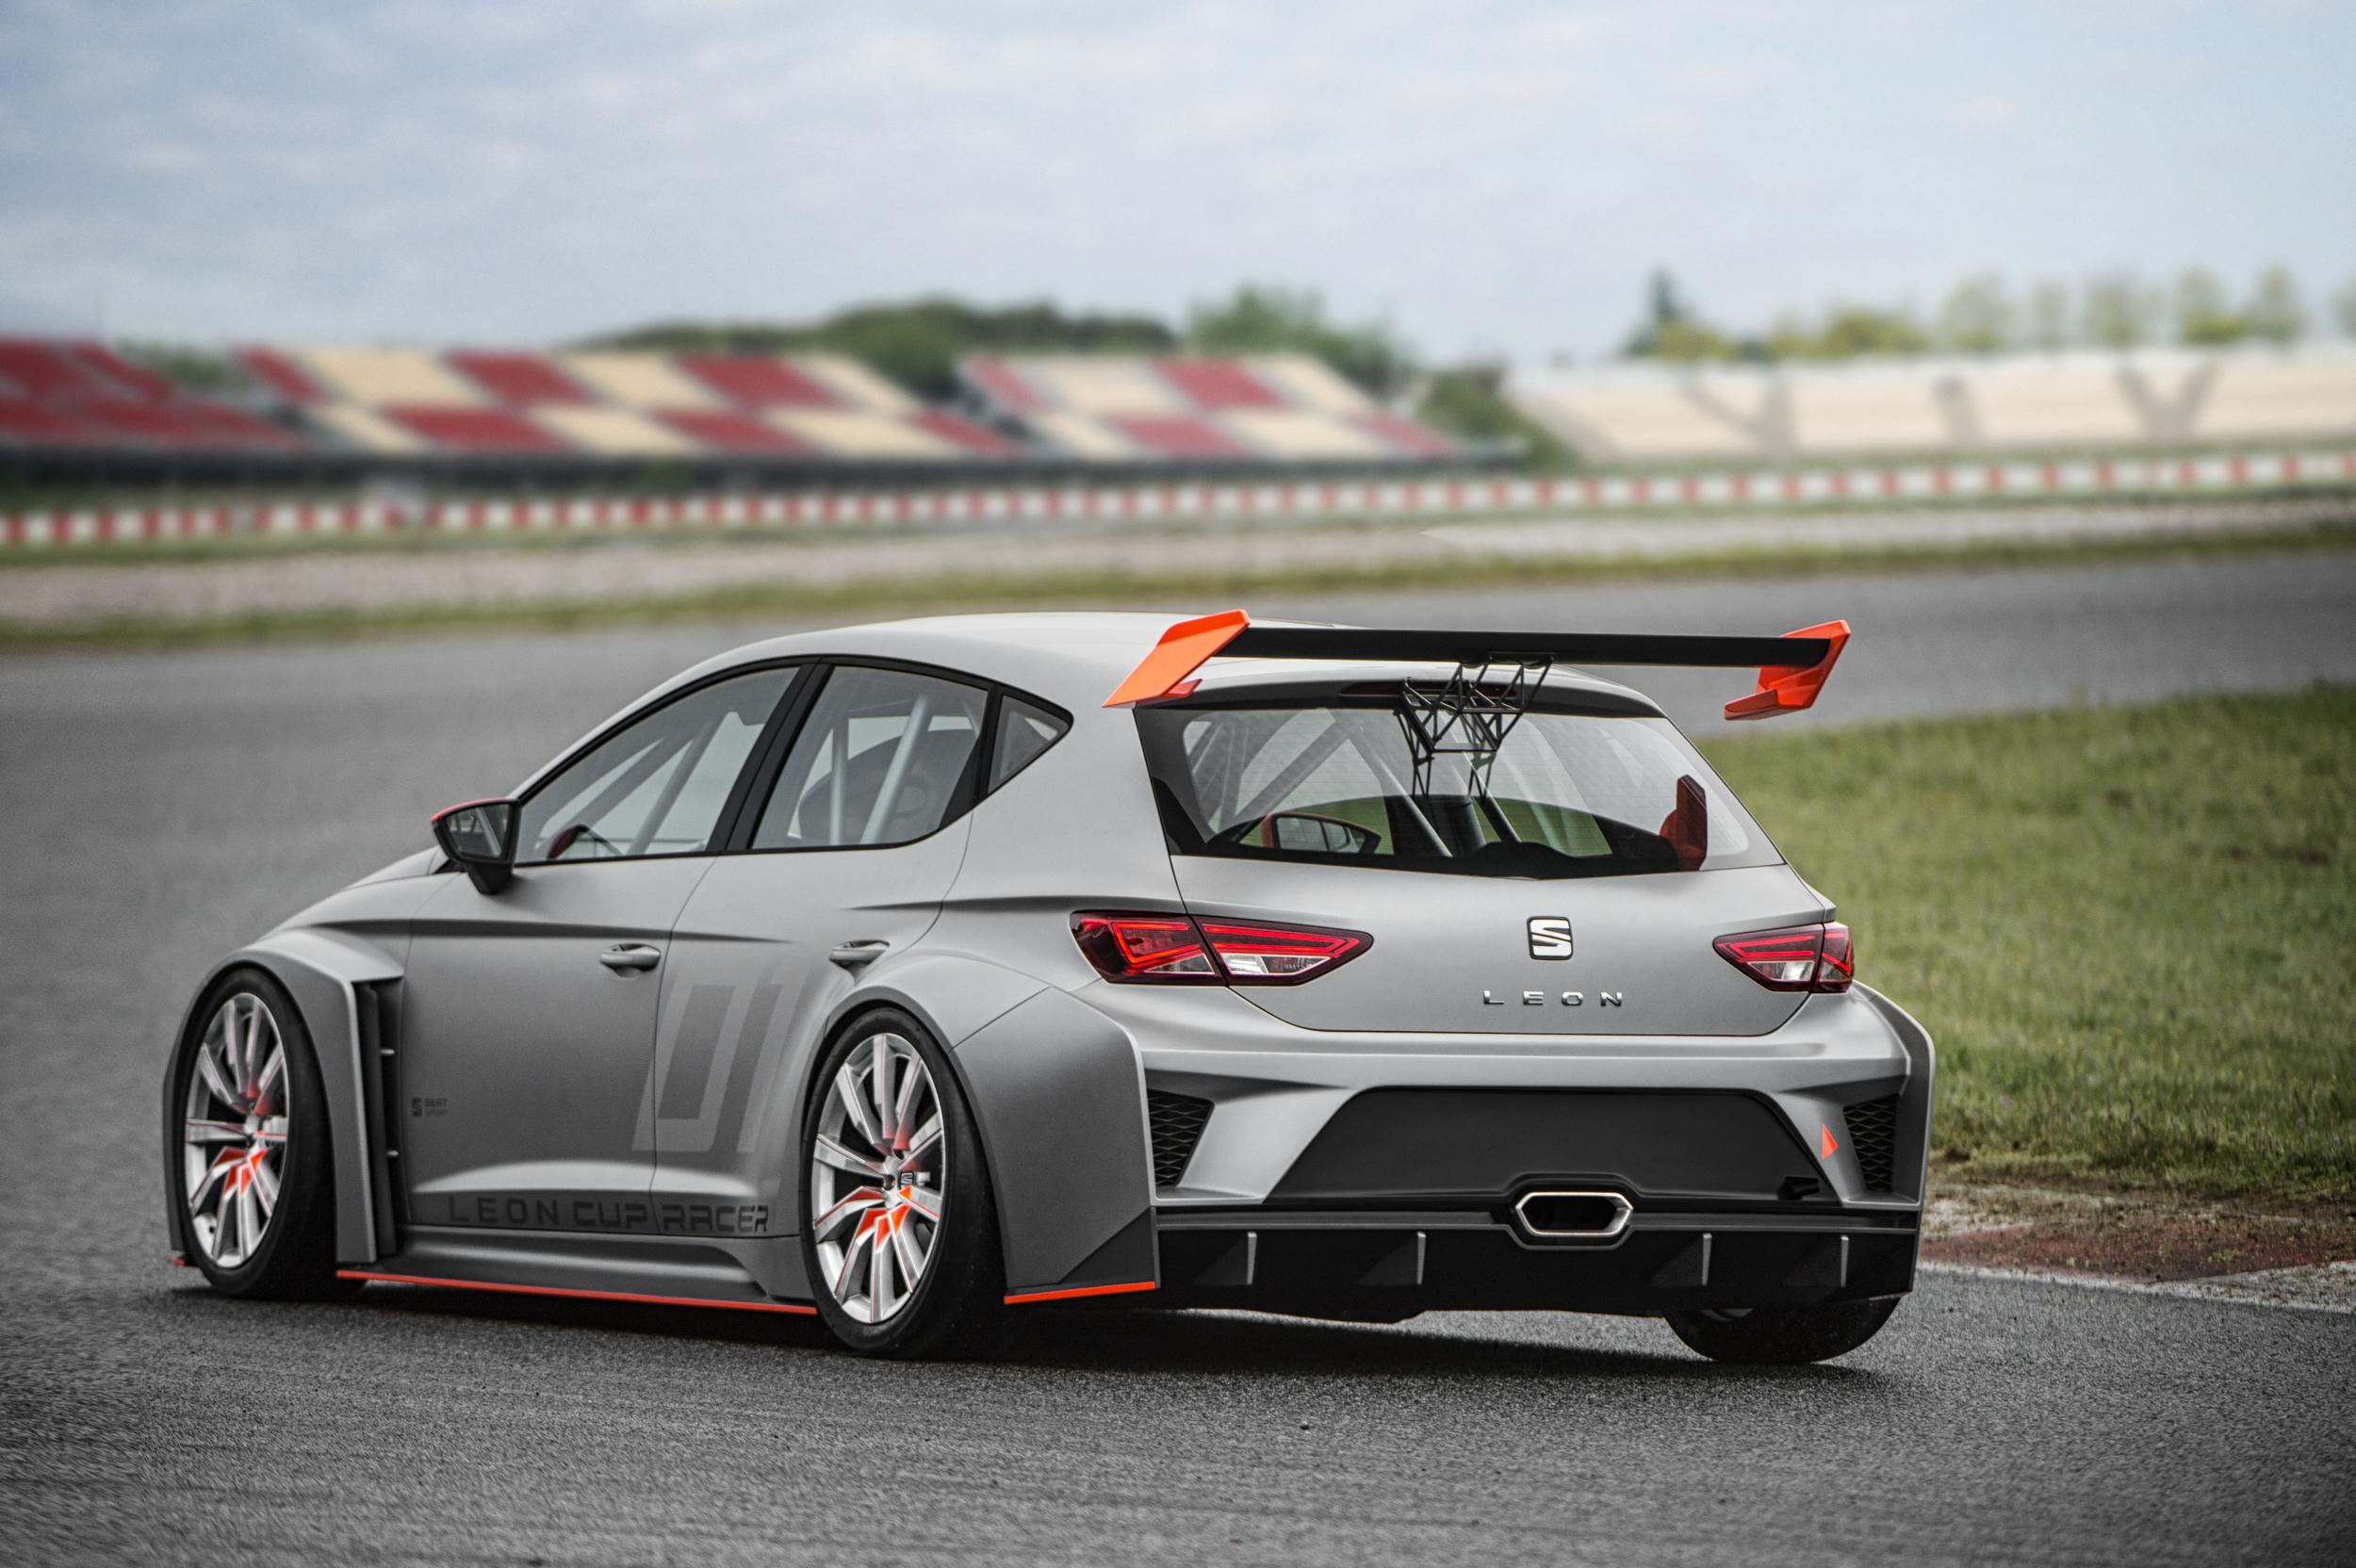 Leon-Cup-Racer10.jpg